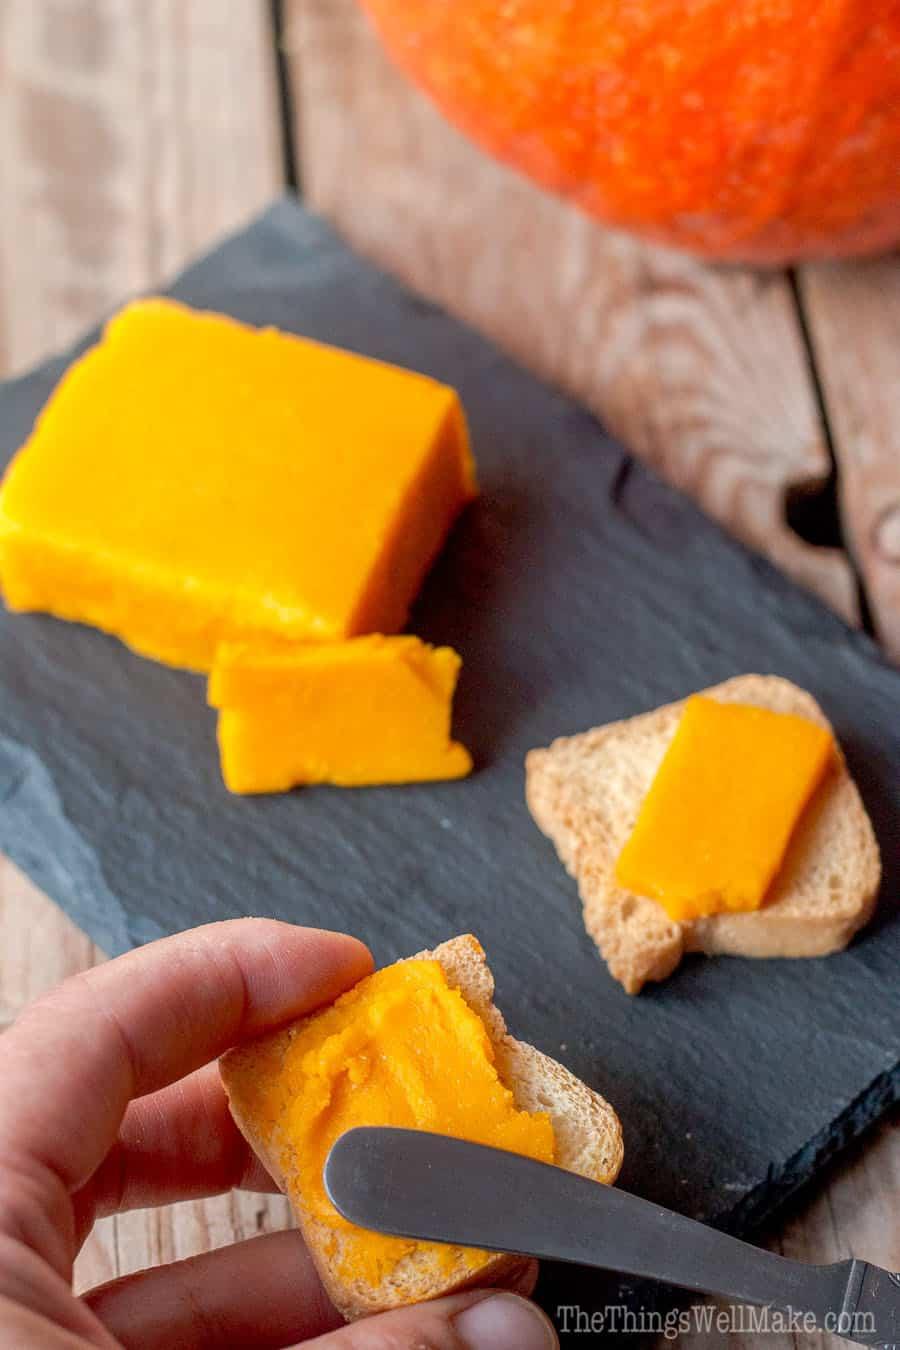 216-vegan-paleo-pumpkin-cheese-6wmeng